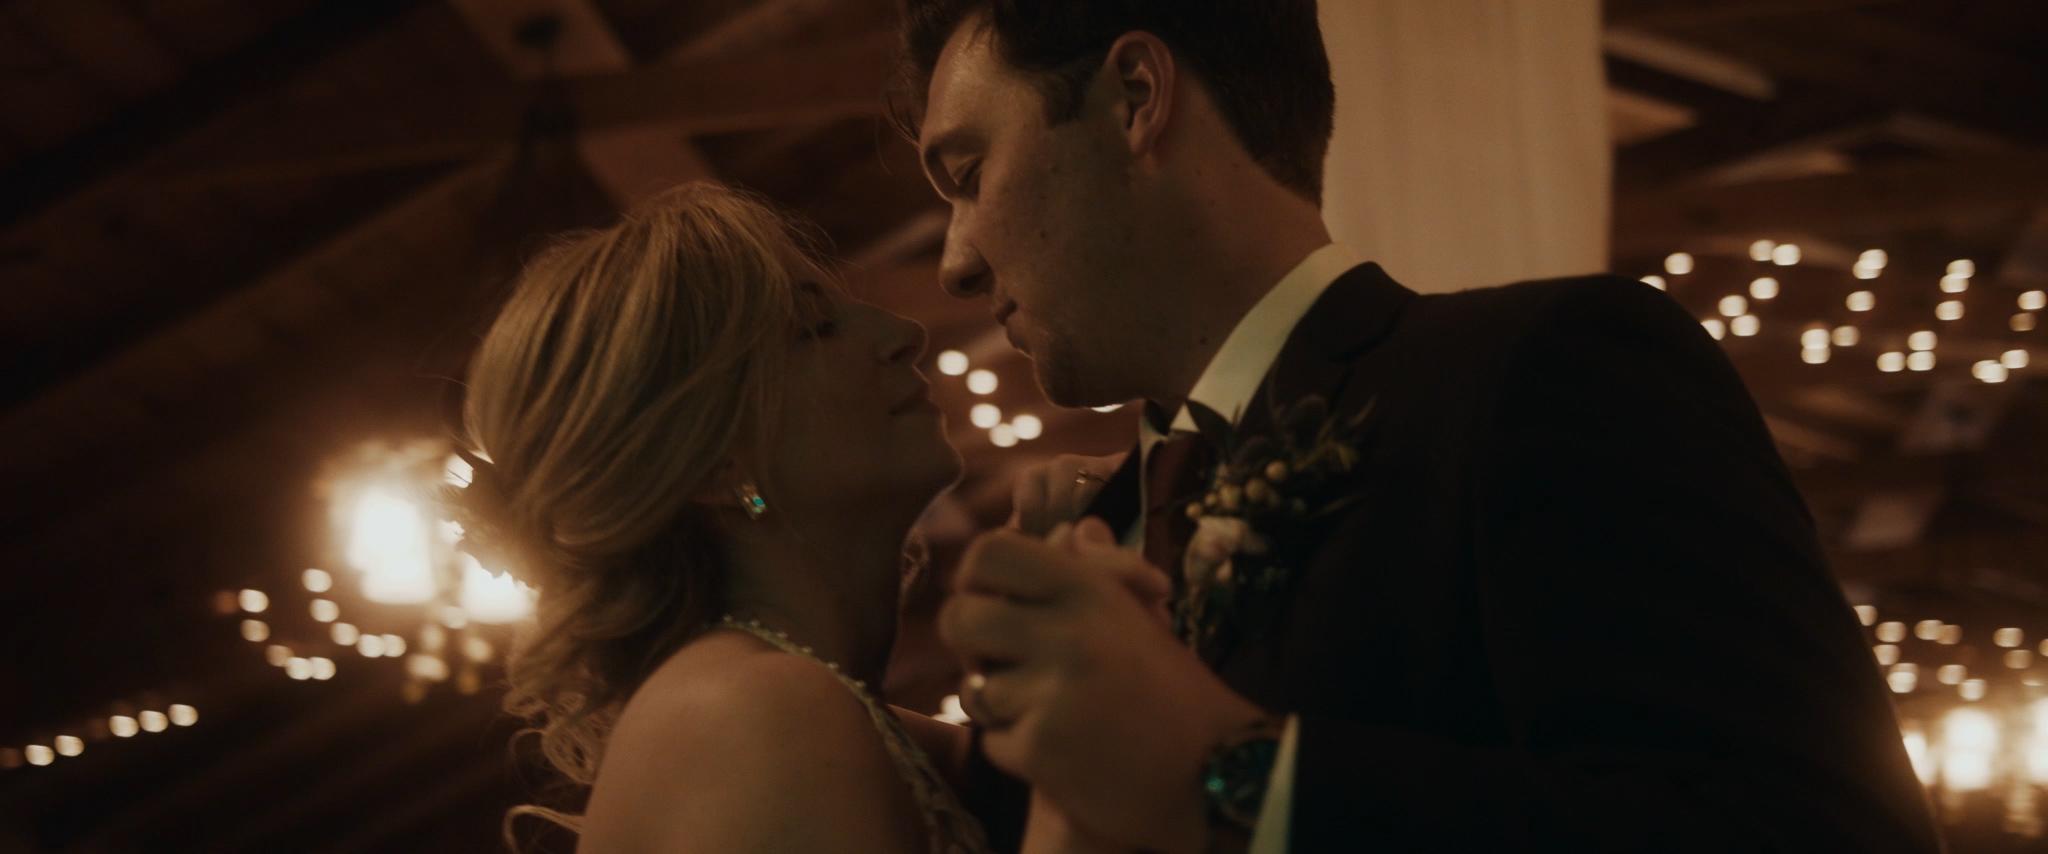 HAVENS_Wedding_Film.00_06_25_12.Still071.jpg